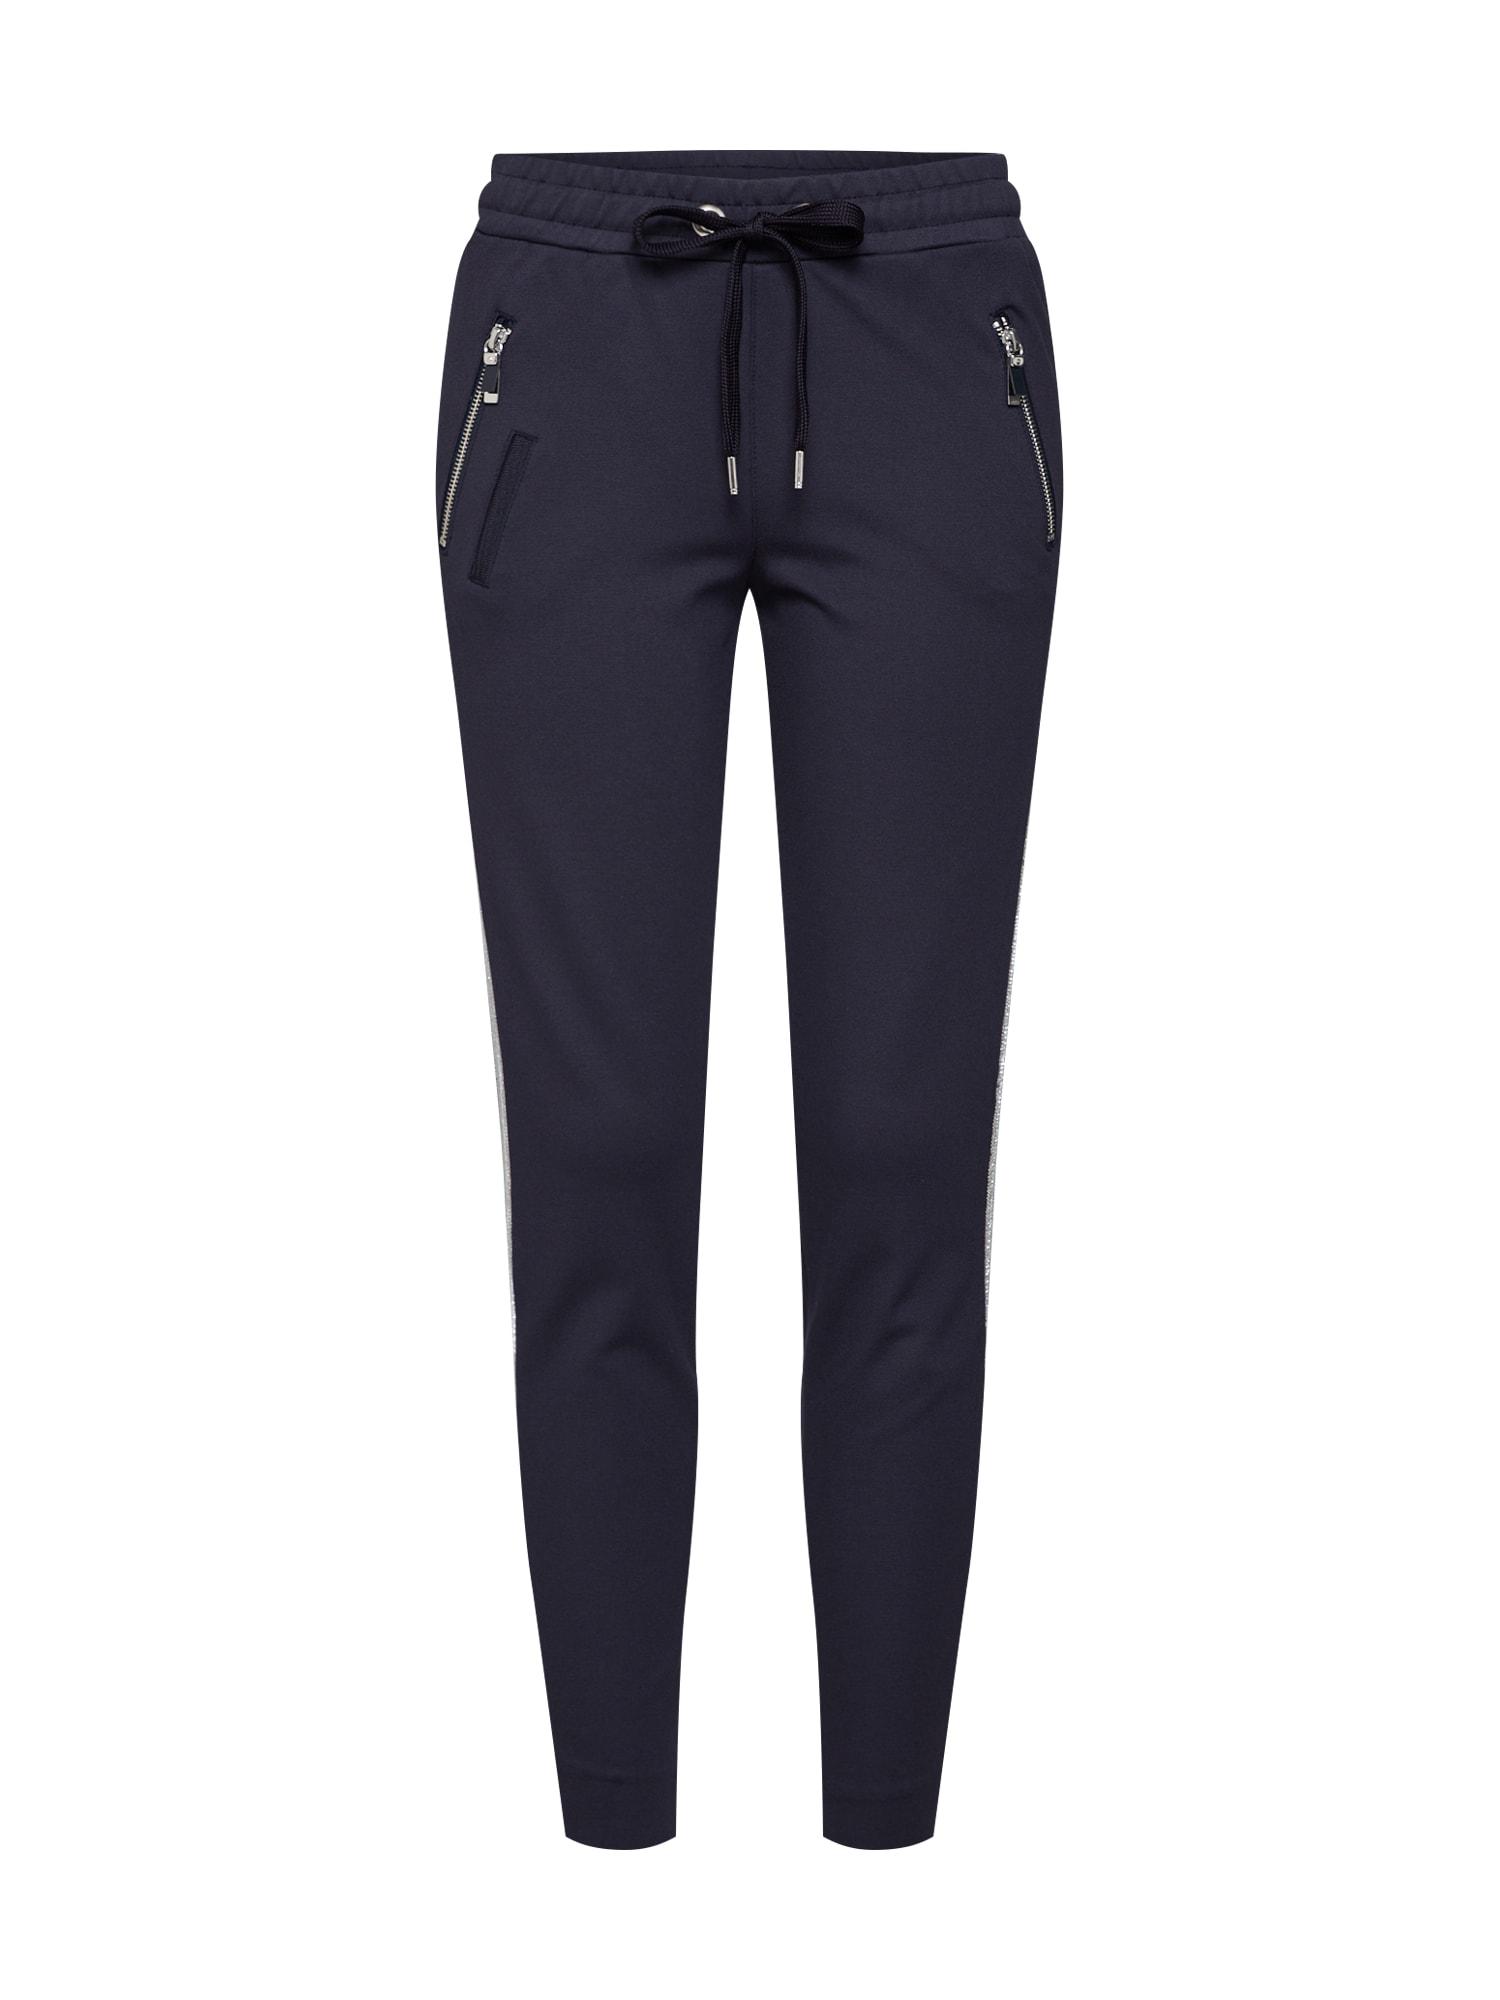 Kalhoty Levon Carell Pant námořnická modř stříbrná MOS MOSH